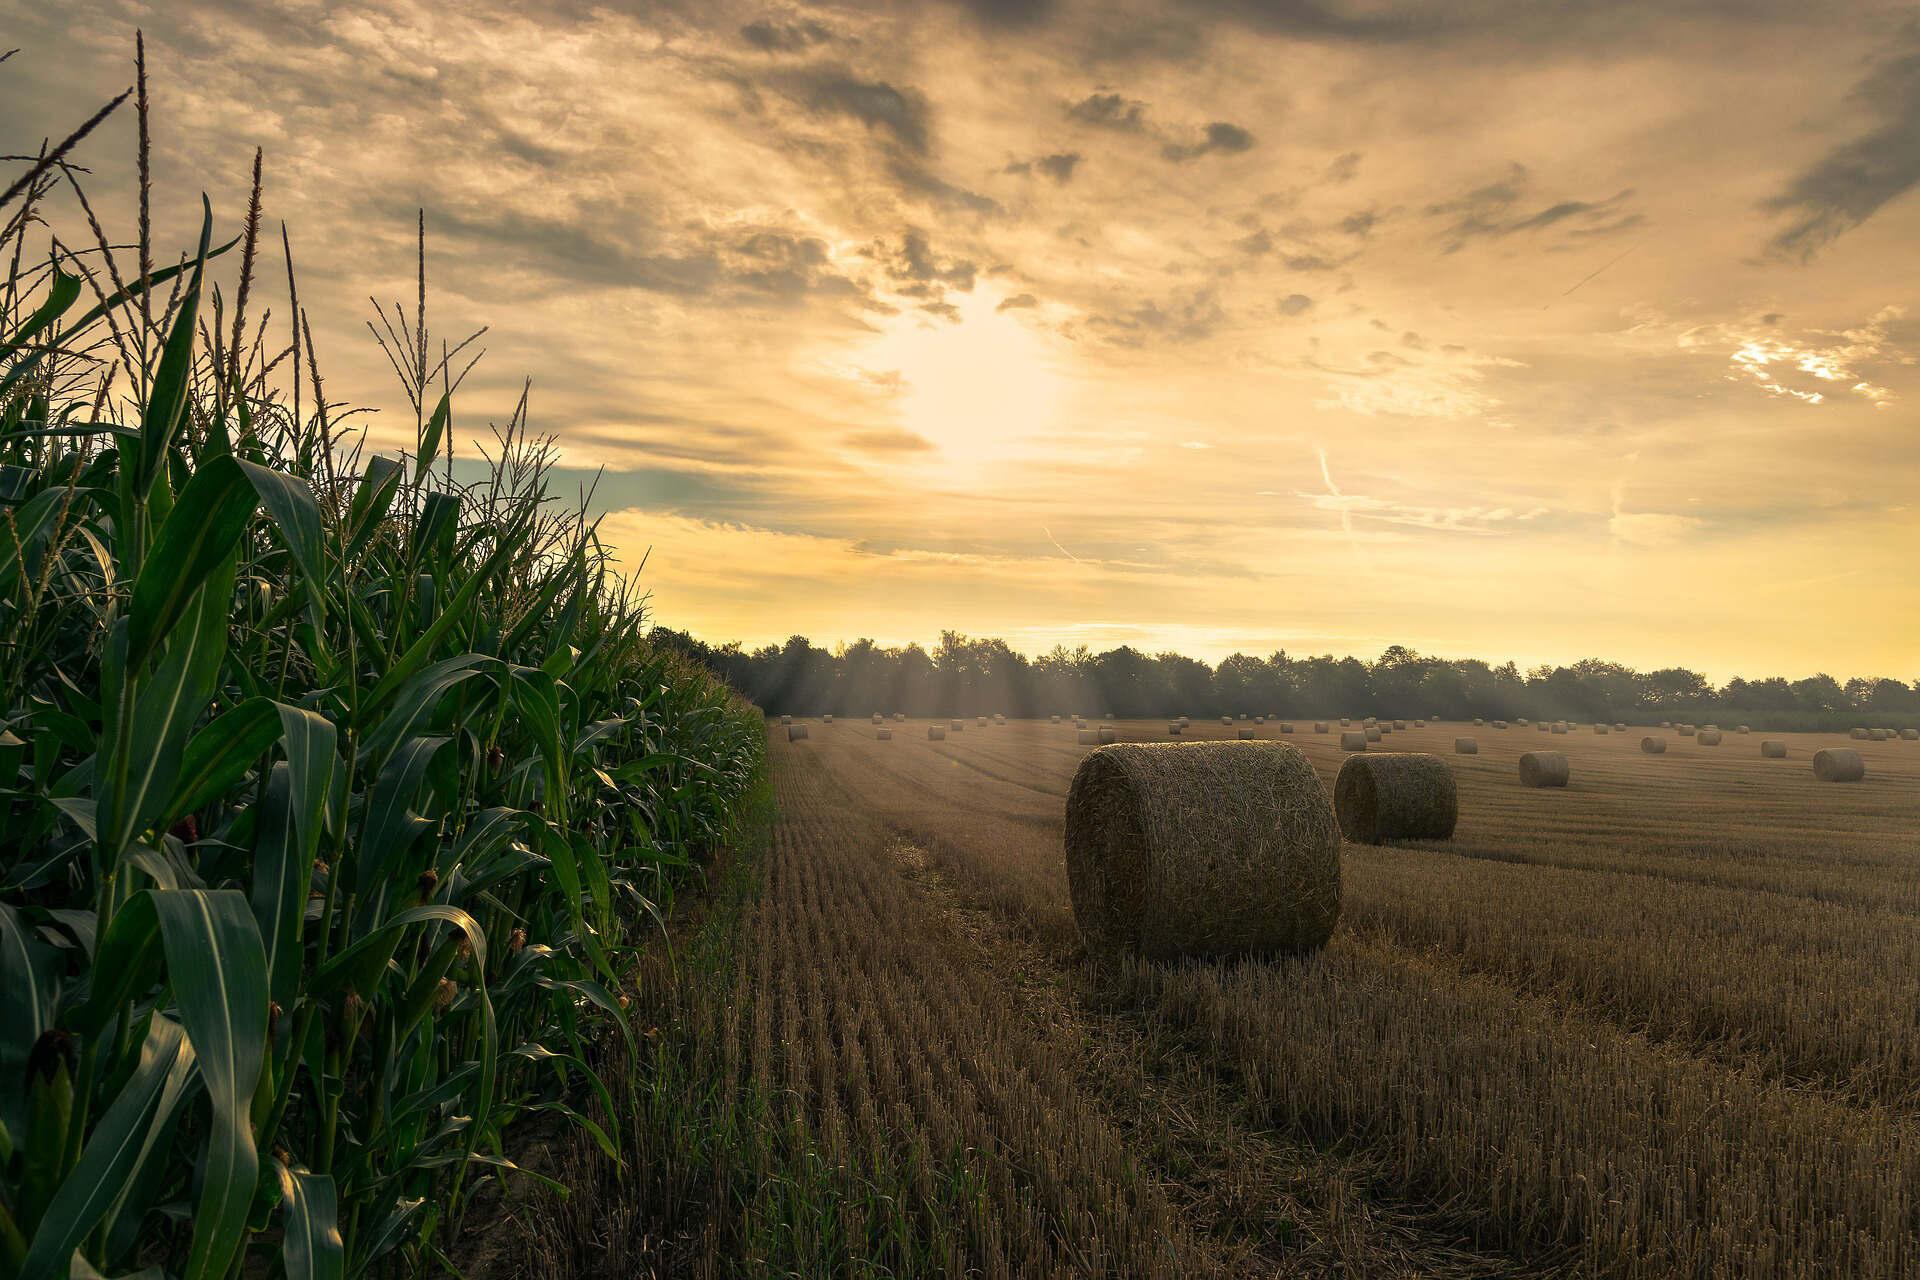 harvest-4195417_1920 céréales maïs paille blé champ culture agriculture campagne nature